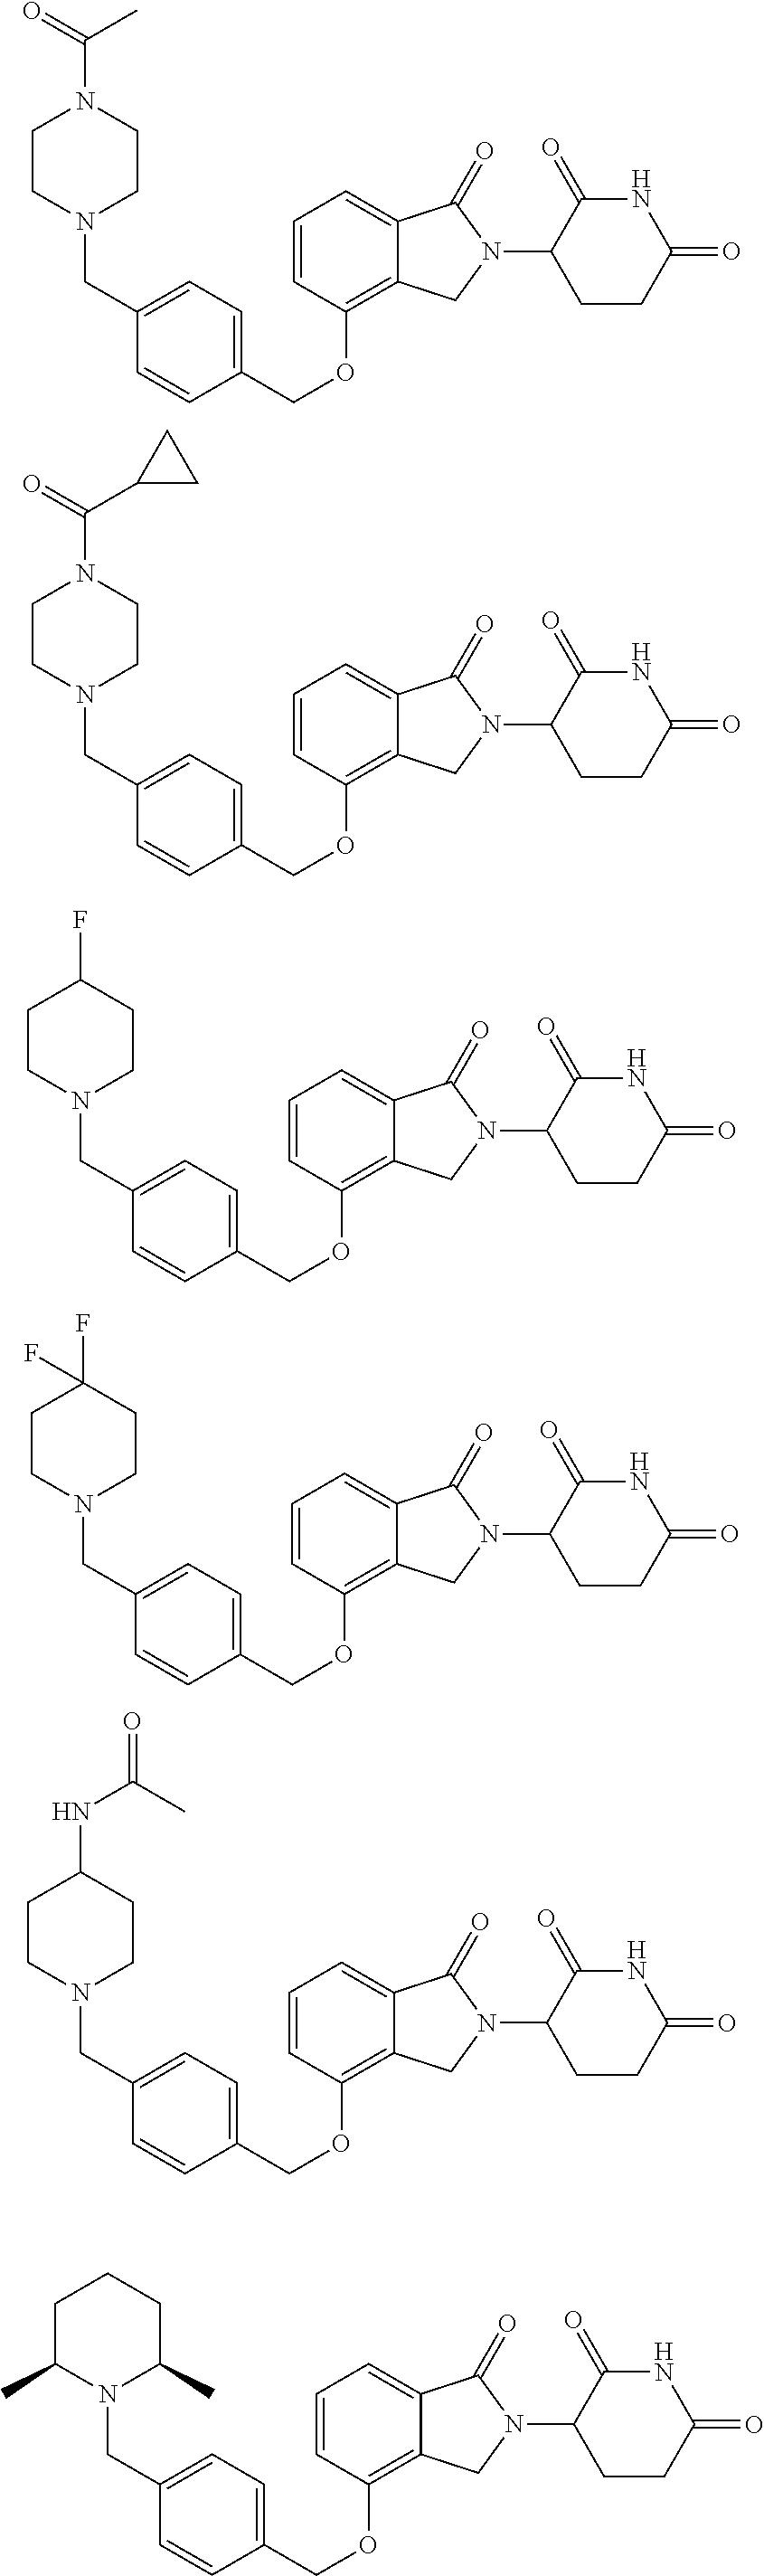 Figure US09822094-20171121-C00035